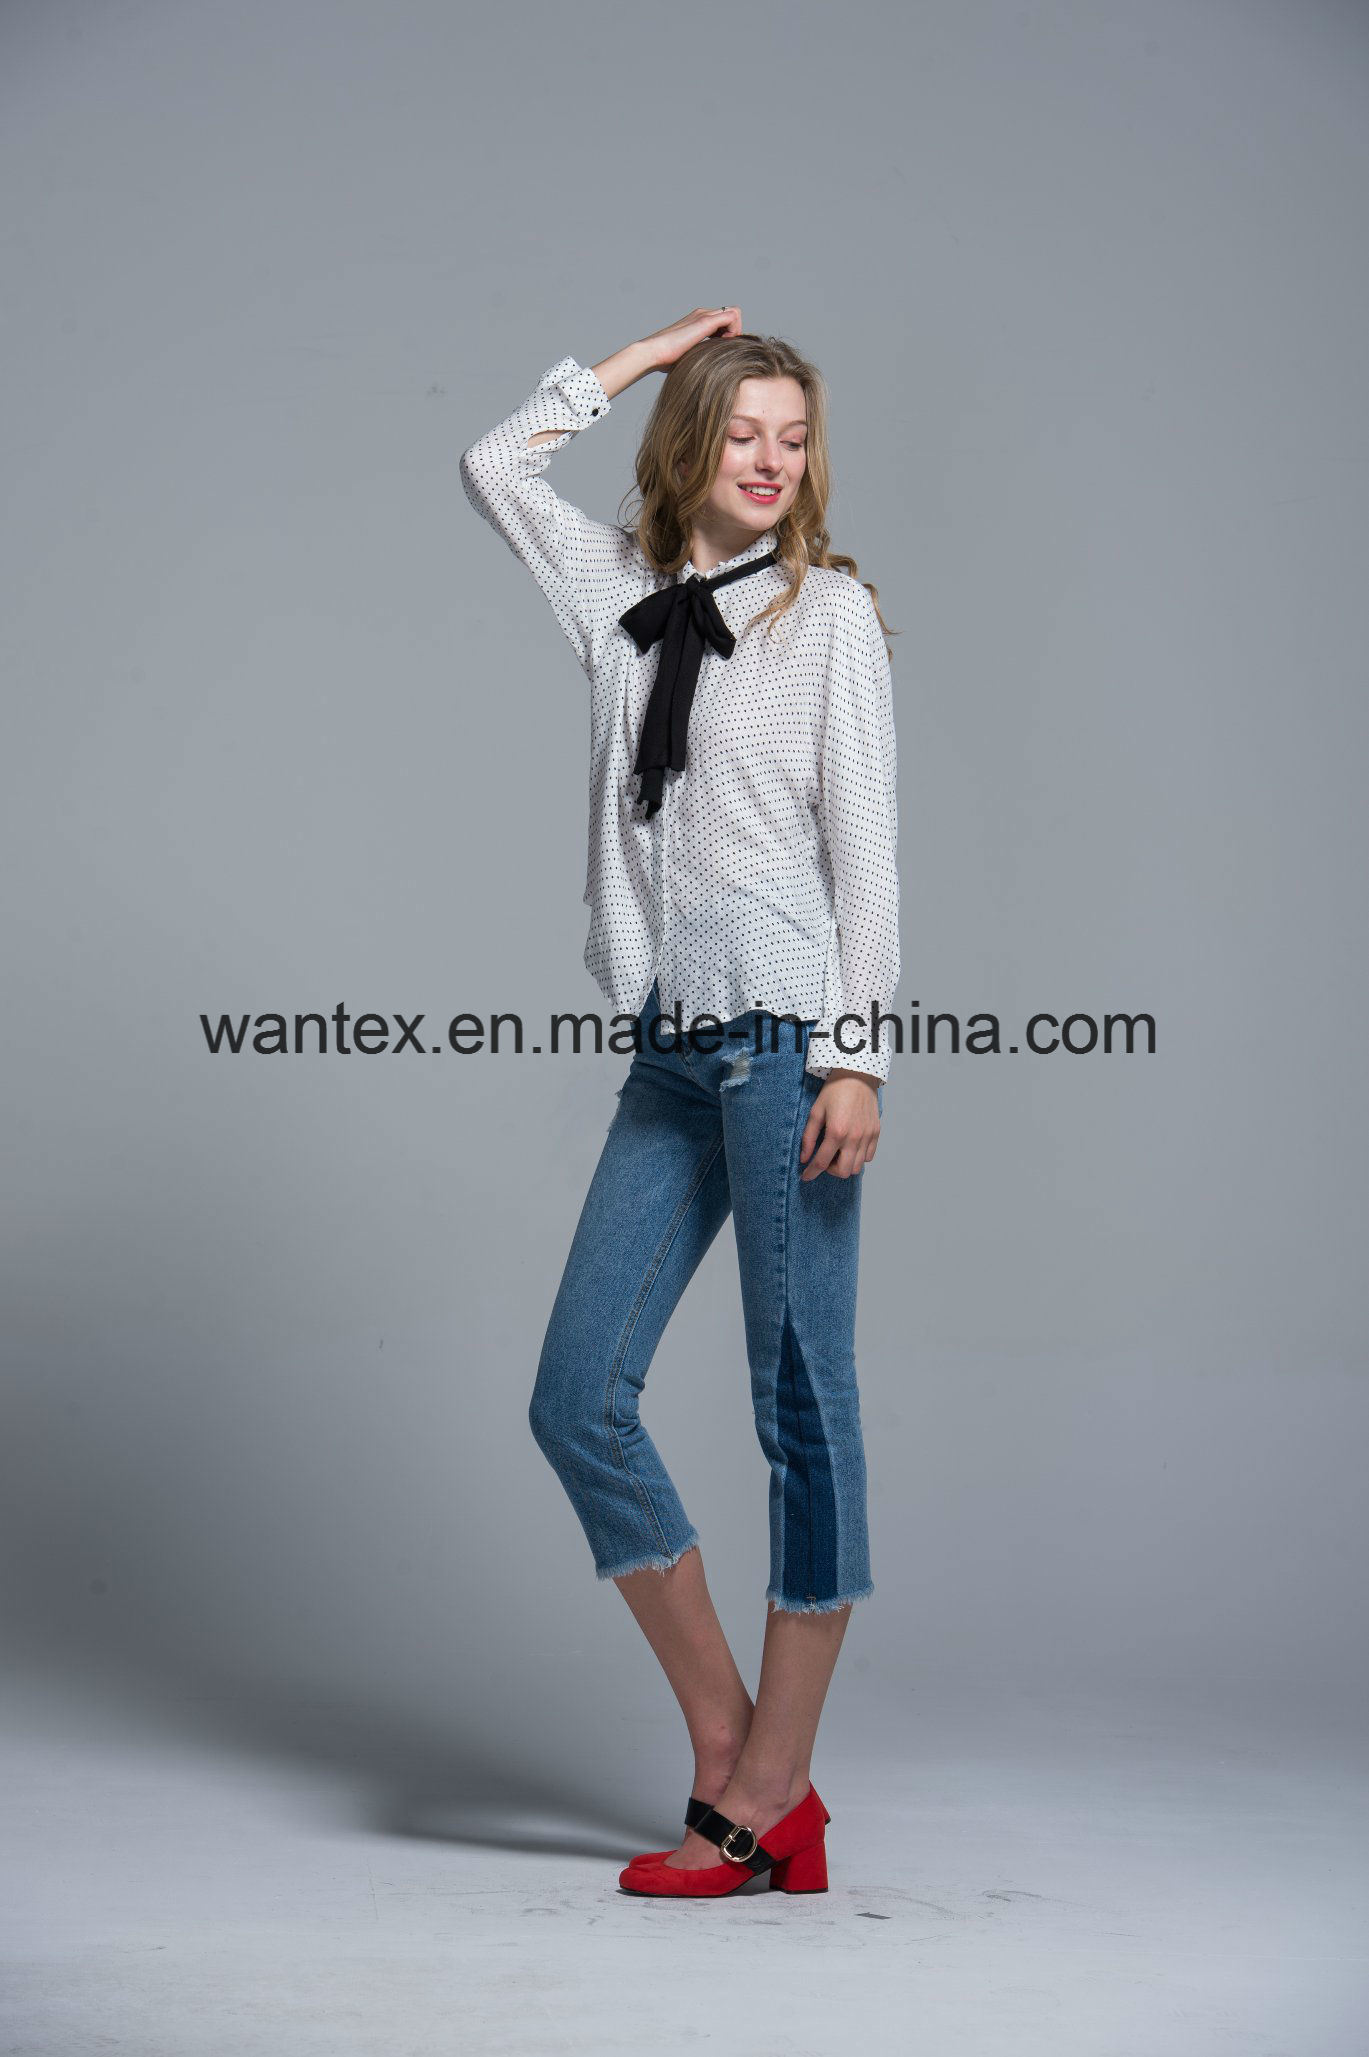 Ladies Blouse 100% Polyester Irregular Fashion Shirt Fashion Top Spring Autumn Girl